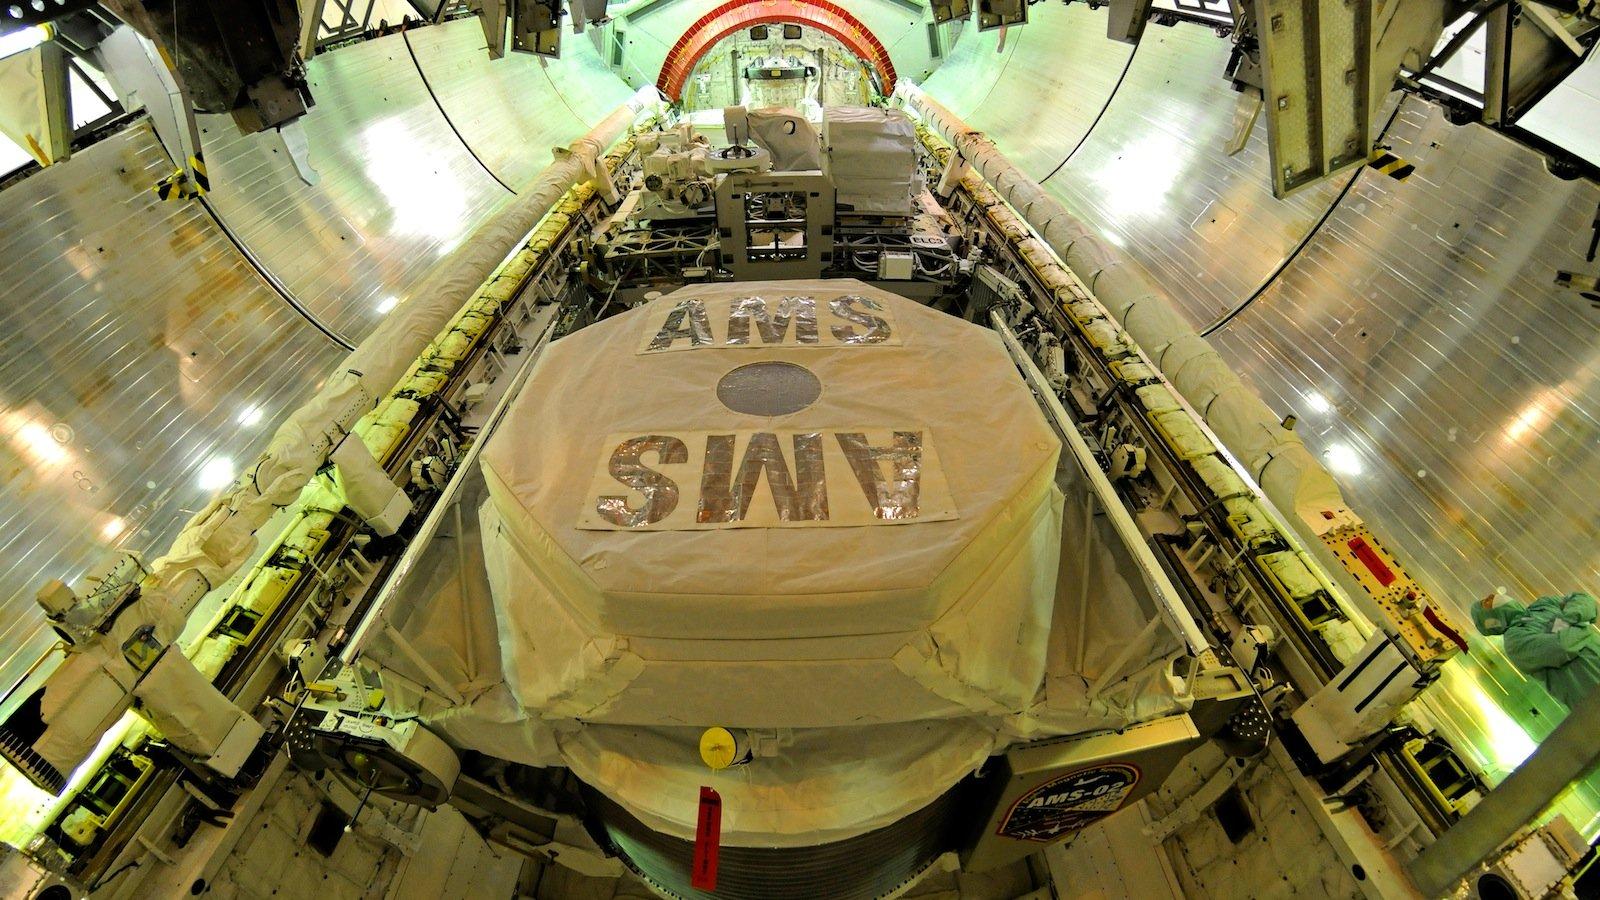 AMS wurde in der Nutzlast des Space Shuttle Endeavour am 16. Mai 2011 zur Internationalen Raumstation ISS transportiert. Es war Endeavour´s letzter Flug ins All, bevor die Raumfähre in den Ruhestand ging.